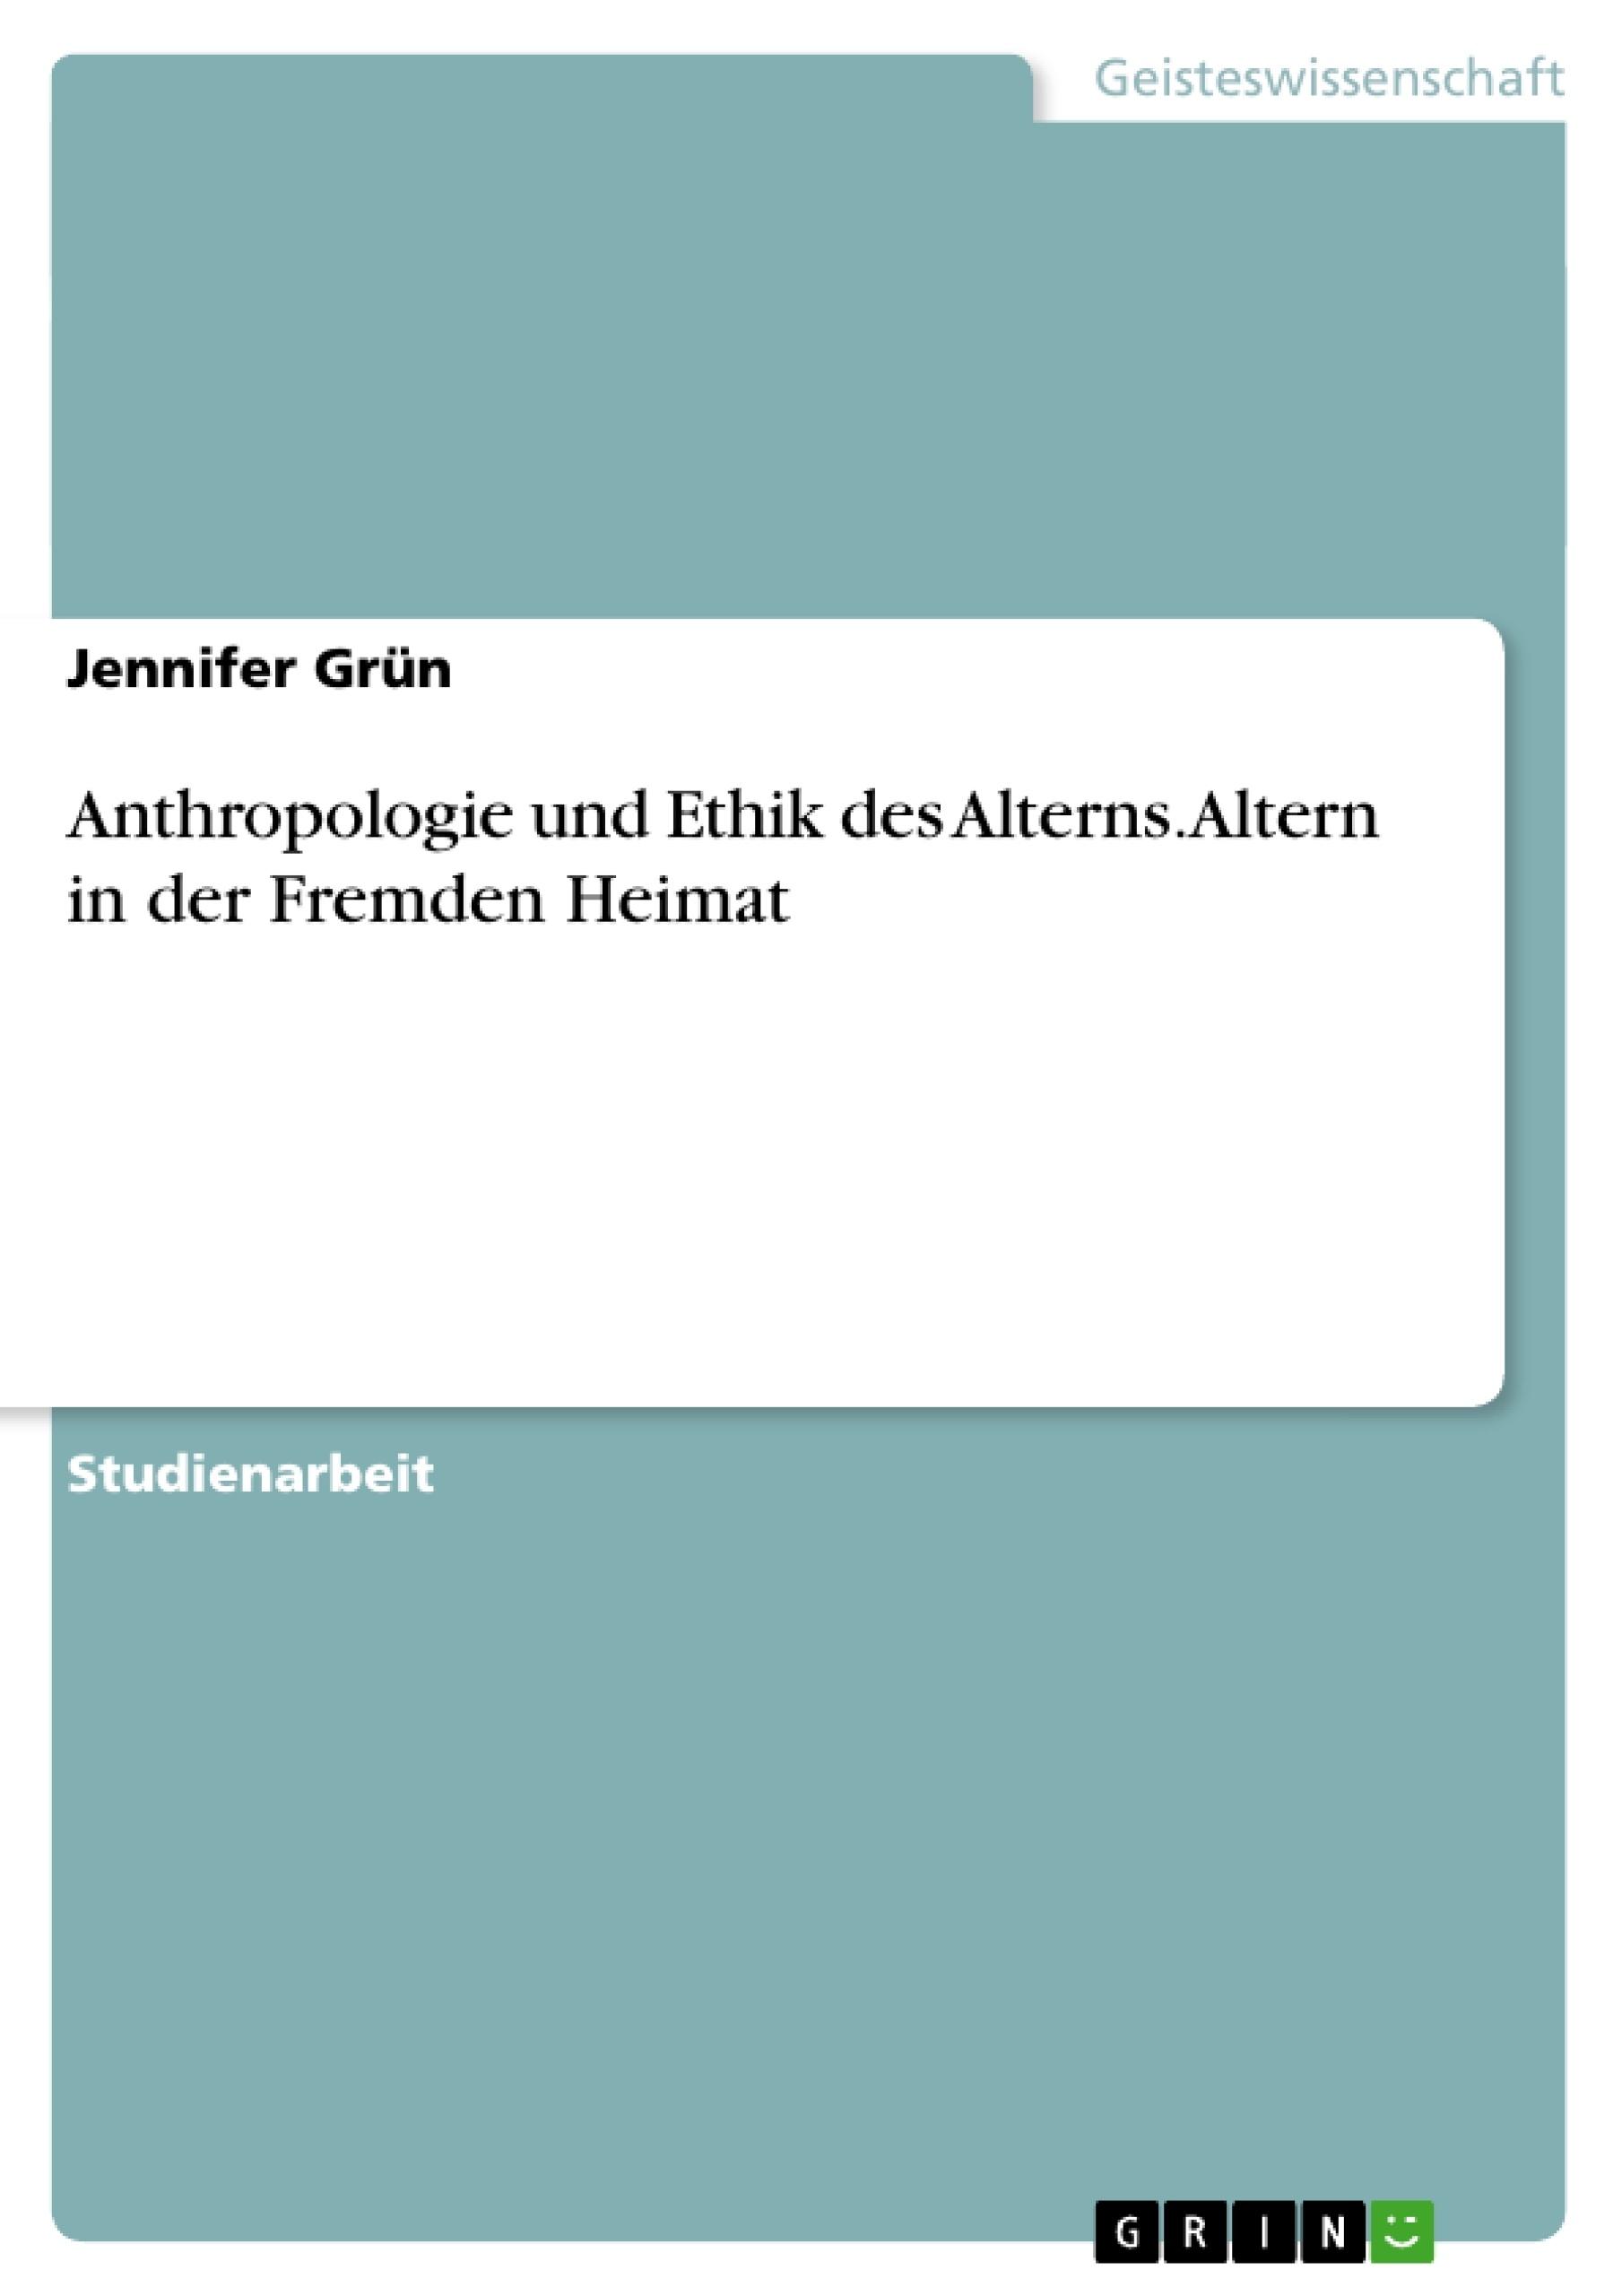 Titel: Anthropologie und Ethik des Alterns. Altern in der Fremden Heimat